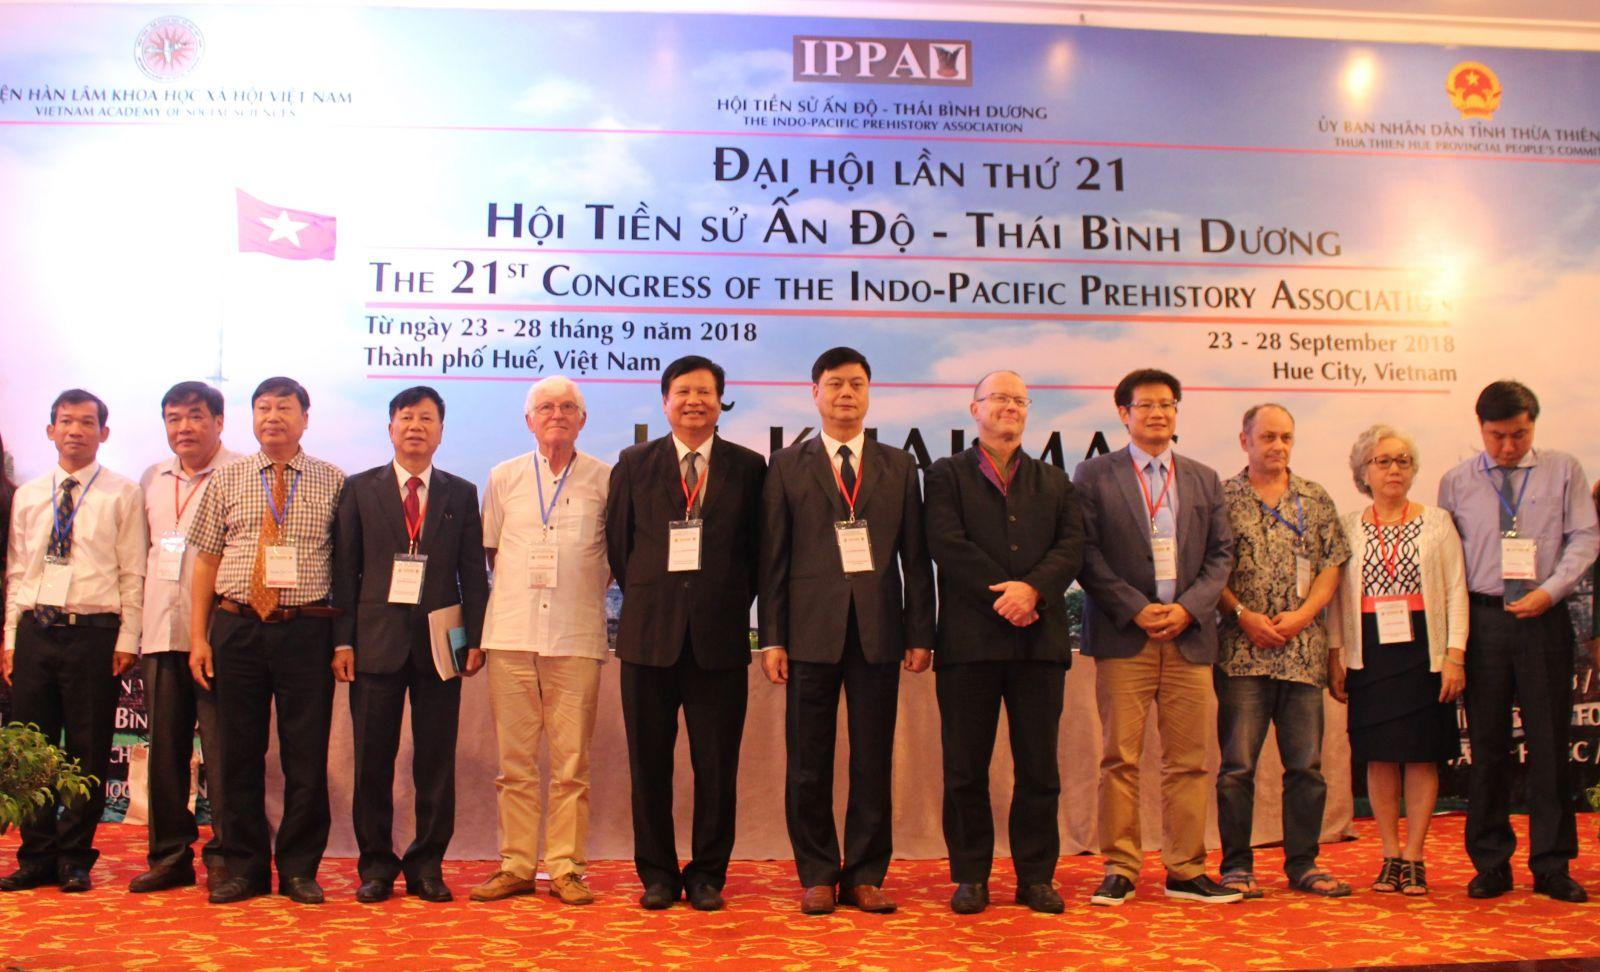 Hội nghị IPPA: Nhiều chủ đề báo cáo về vùng Ấn Độ - Thái Bình Dương